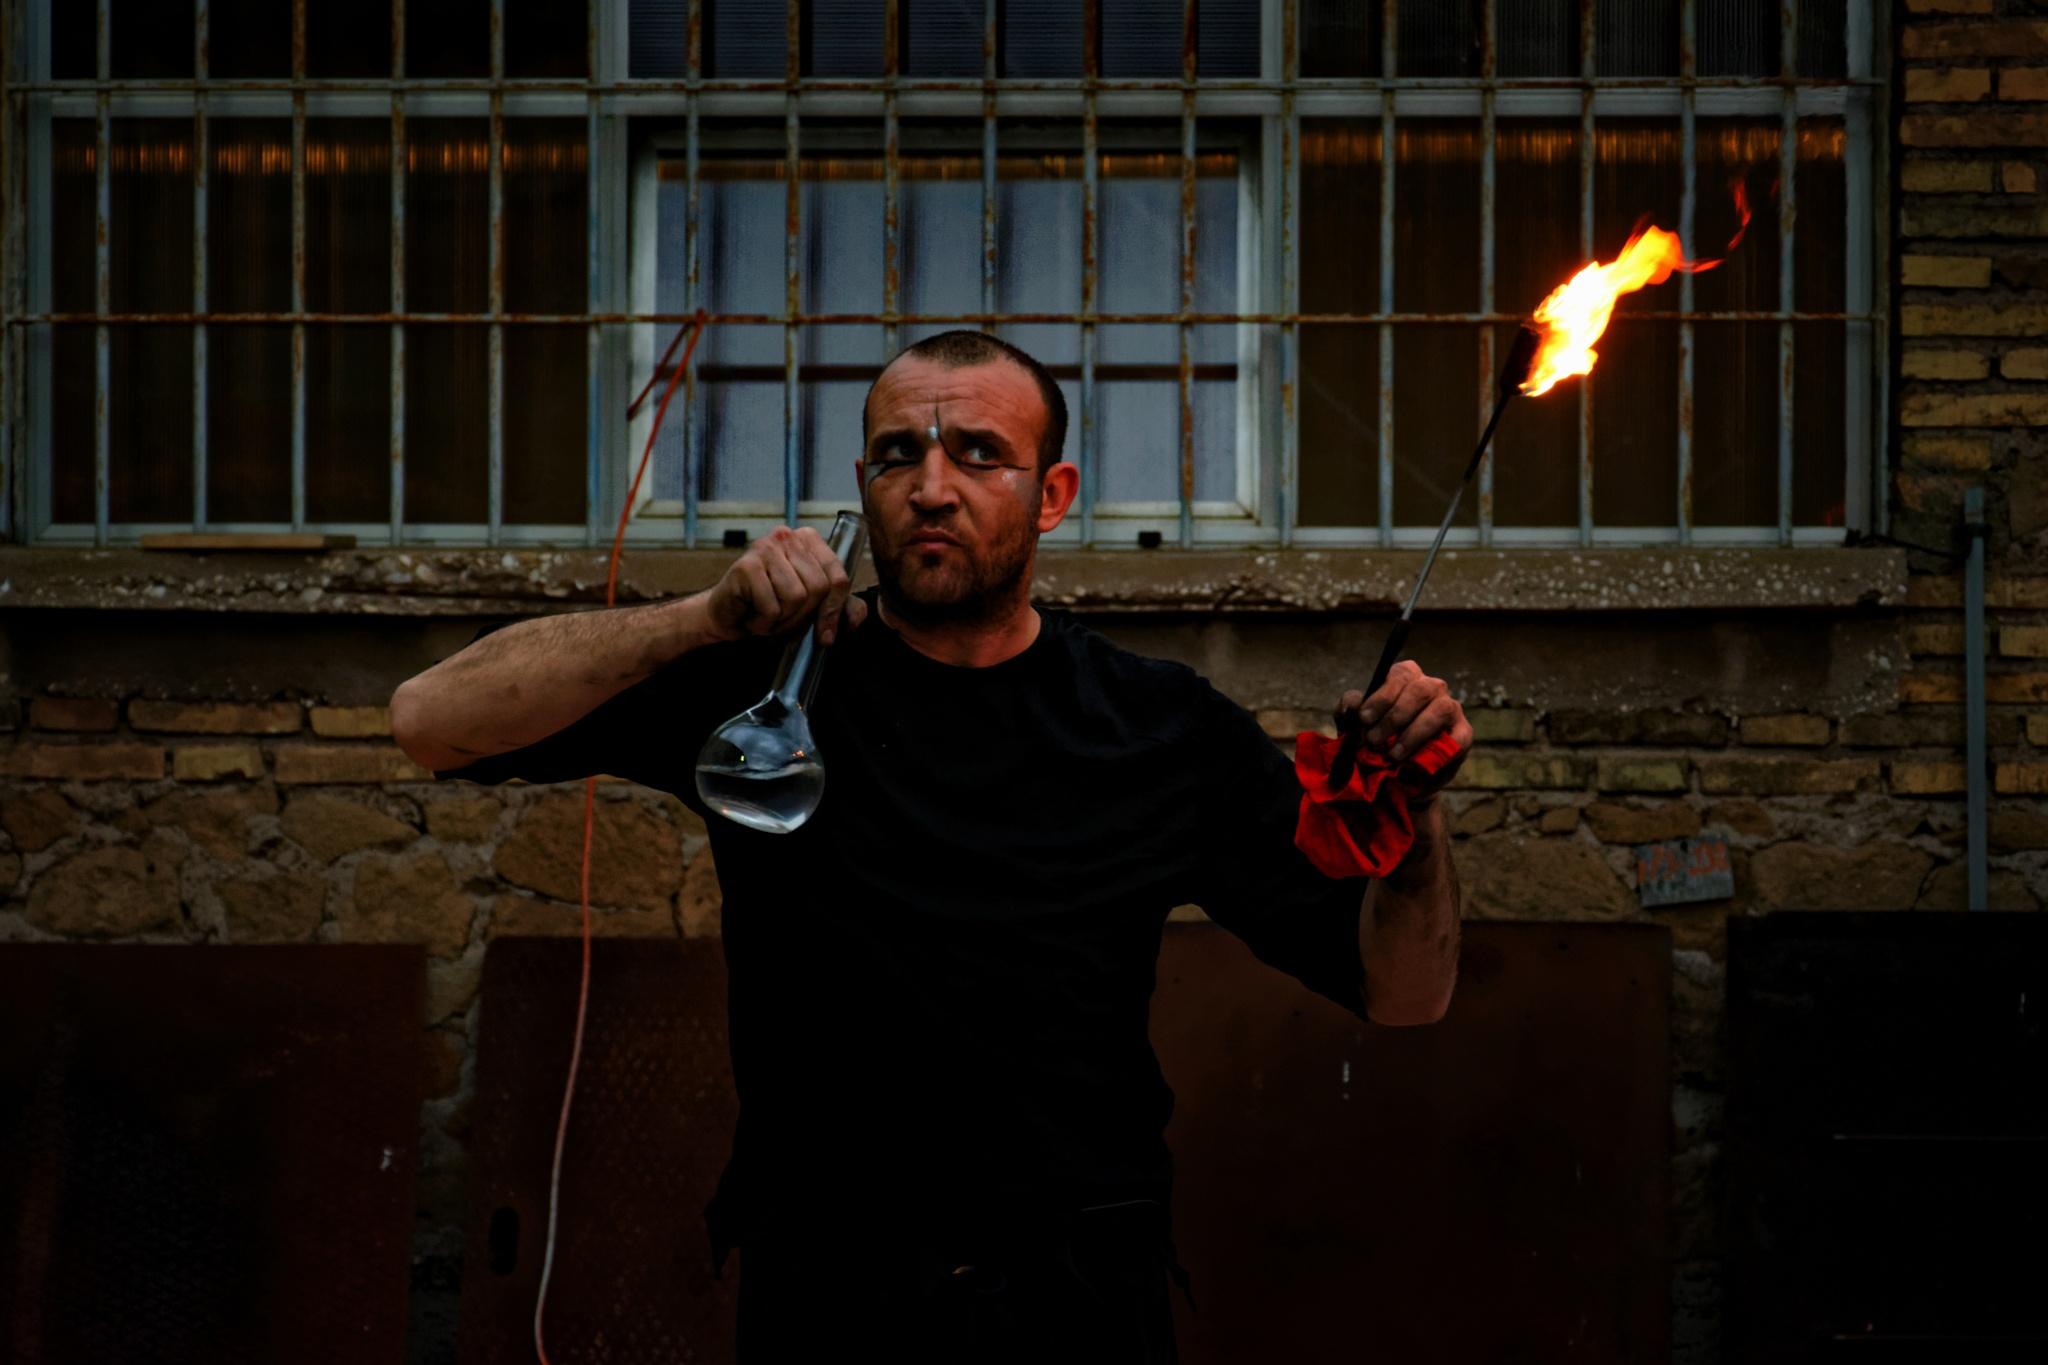 Lucignolo Fire Session 4 by Roberto Scordino